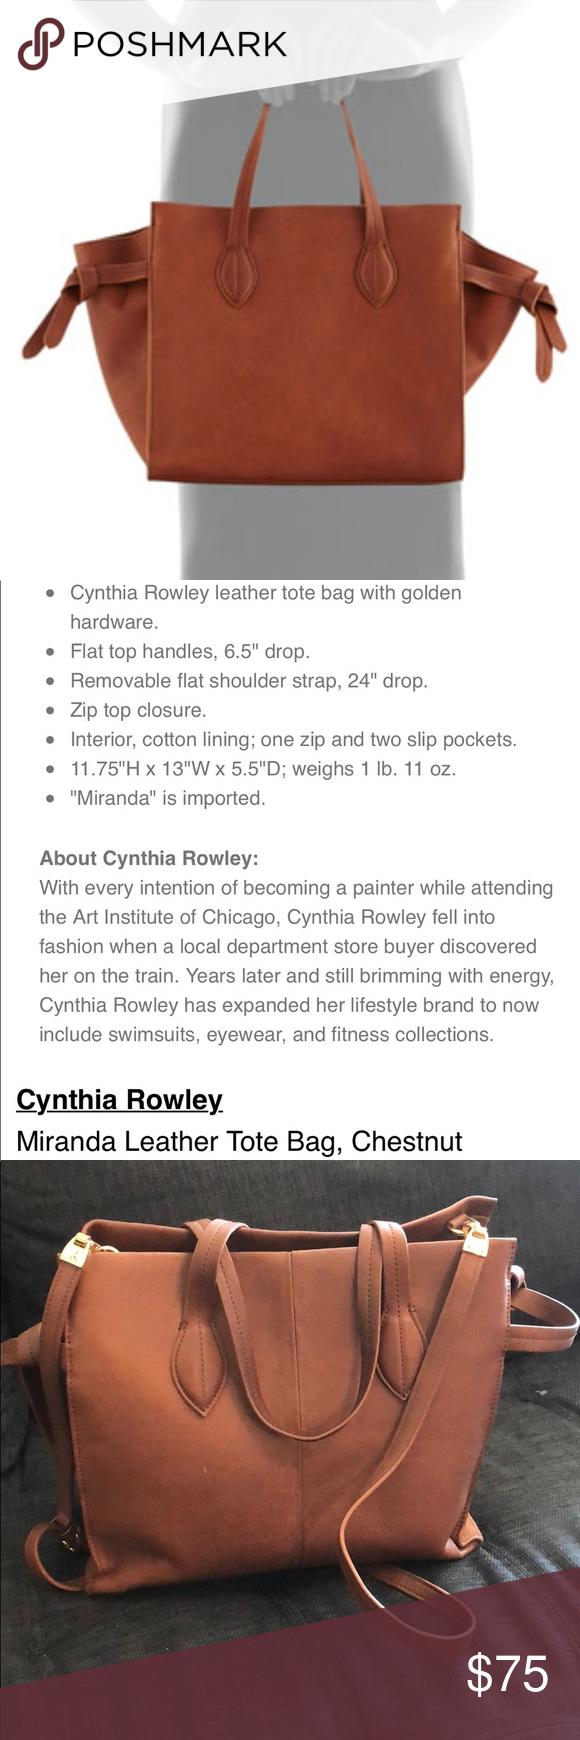 8ae79225ec74 Cynthia Rowley Miranda Tote